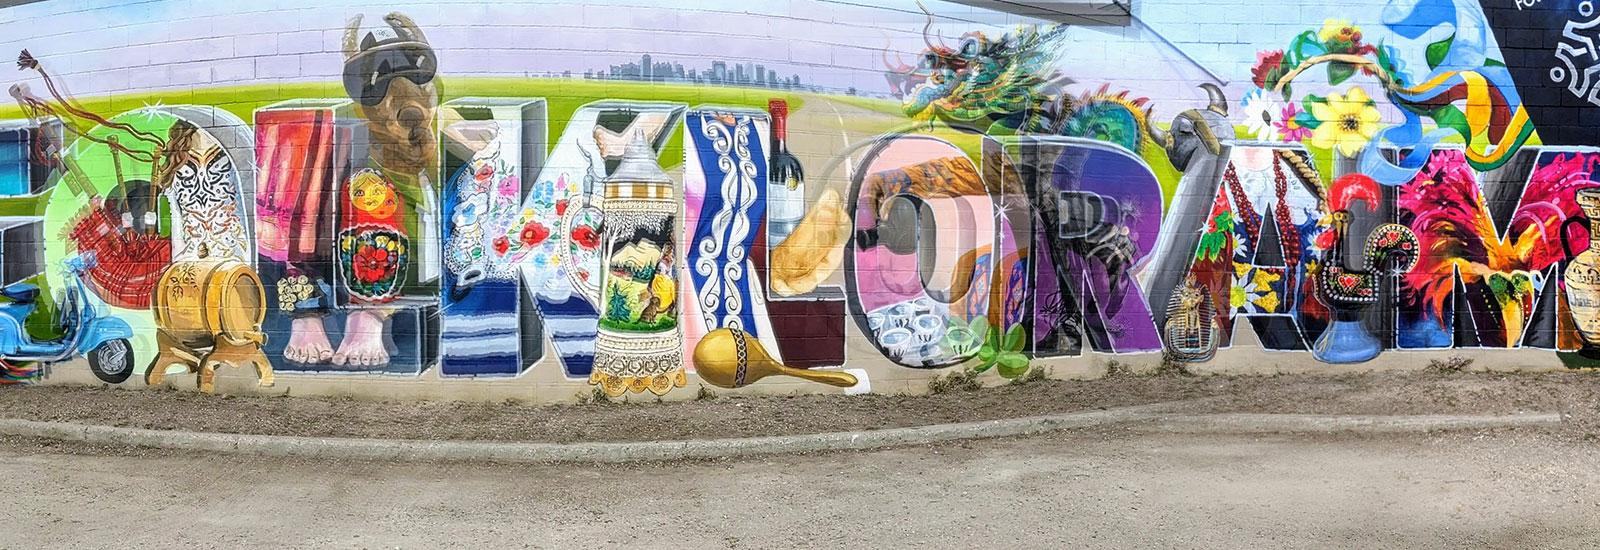 Folklorama mural